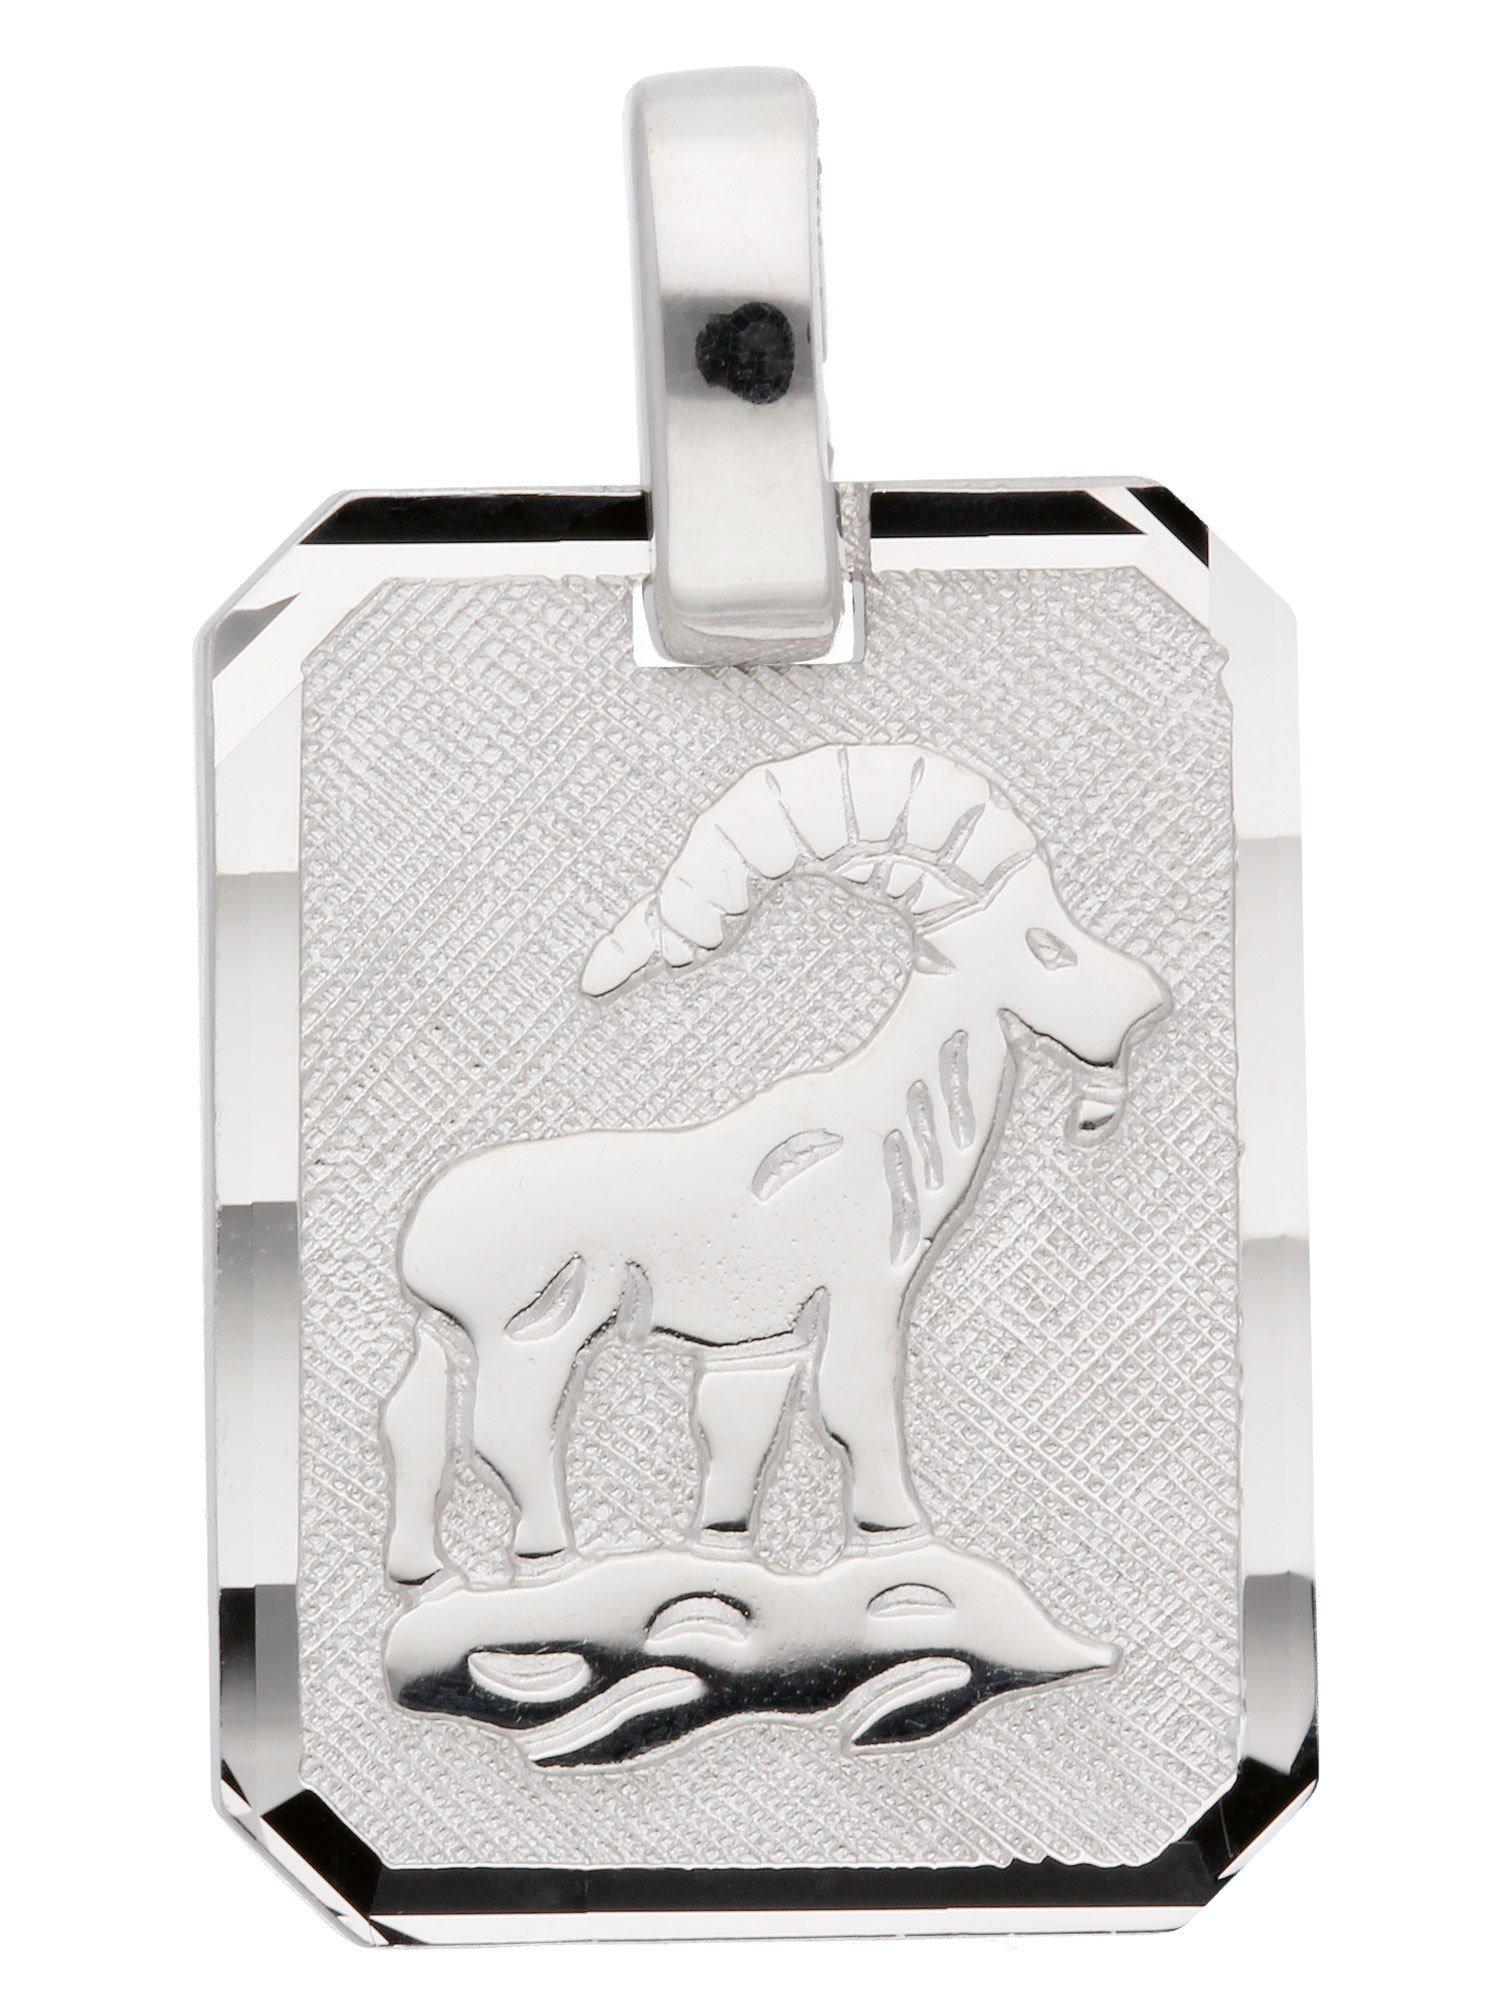 Adelia´s Kettenanhänger »Sternzeichen Silber Anhänger« Steinbock 925 Sterling Silber   Schmuck > Halsketten > Ketten ohne Anhänger   Silber   Adelia´s